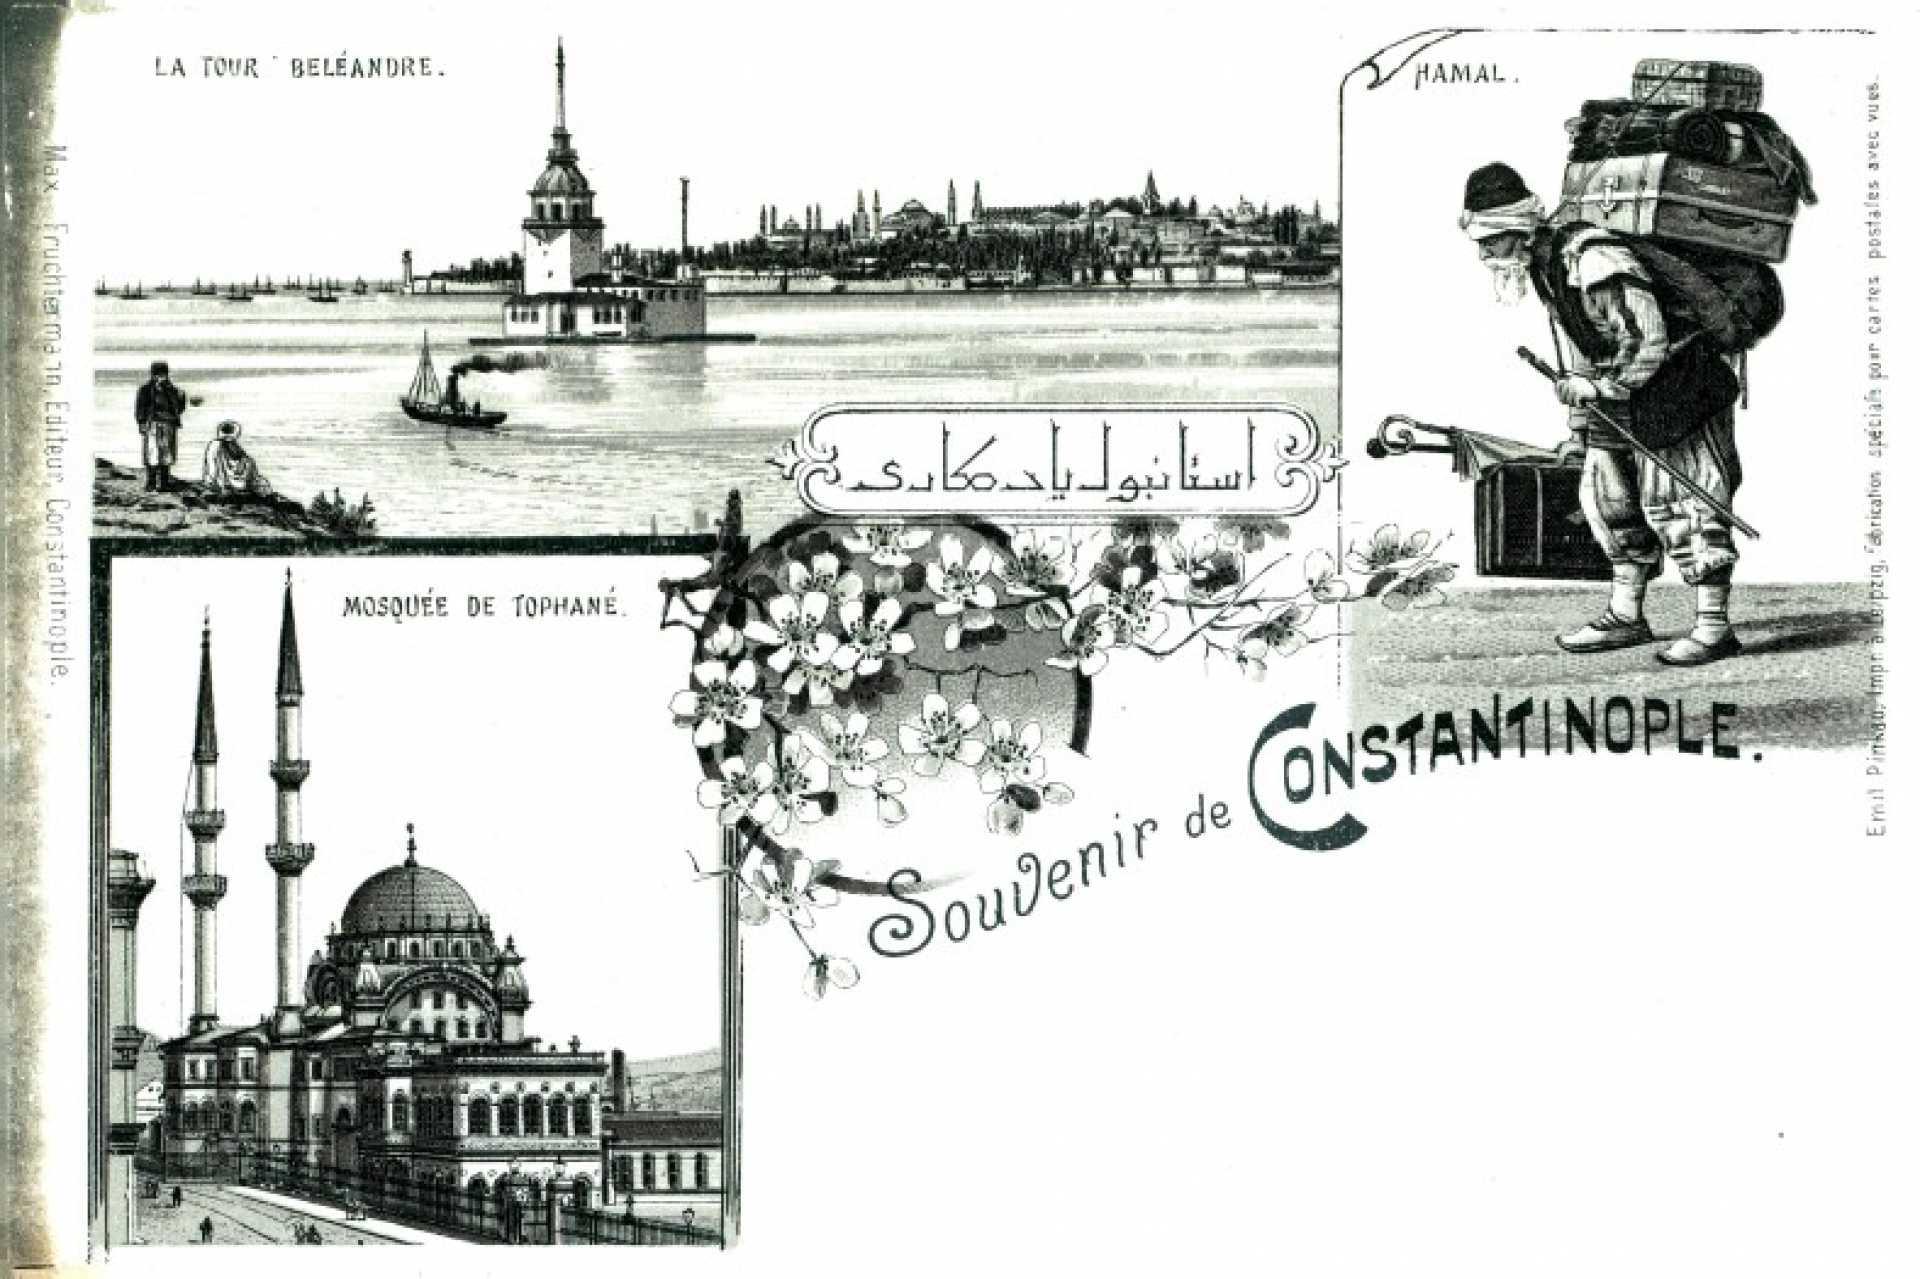 Souvenir de Constantinople. Hamal  La Tour Beleandre  Mosquee de Tophane